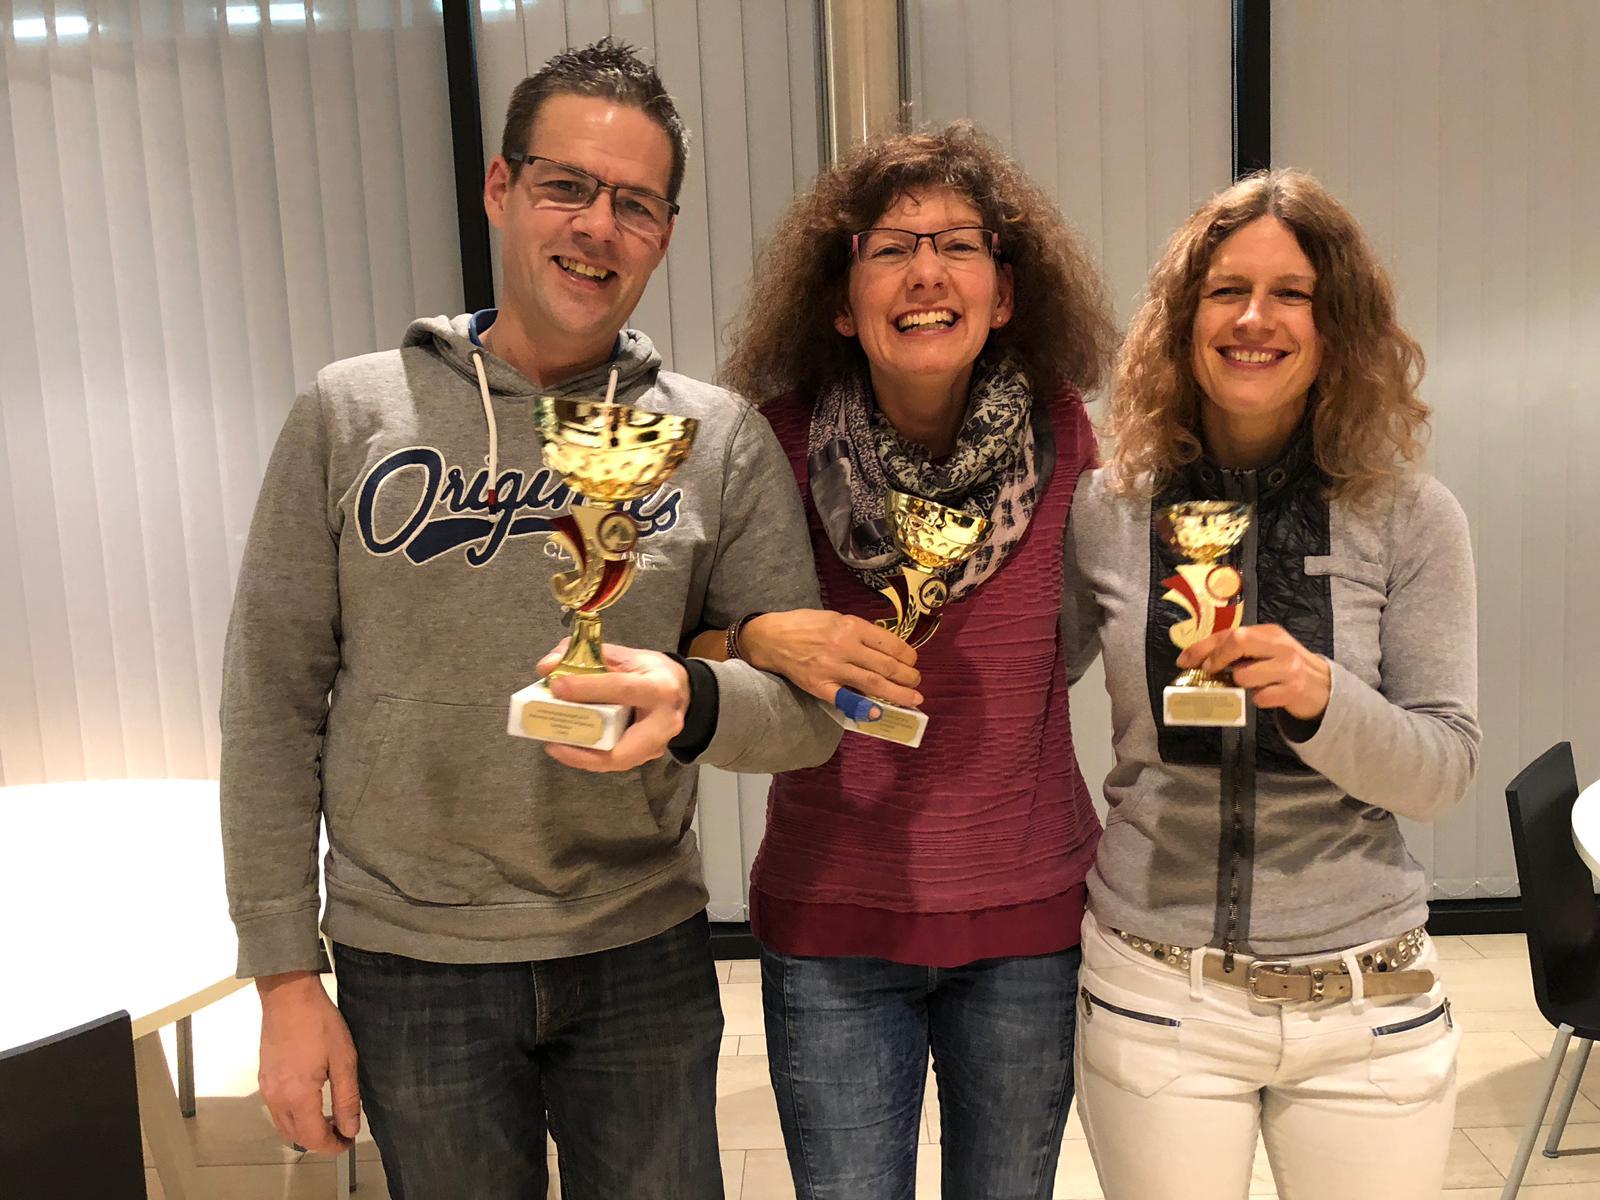 Gymkhana Aktive: 1. Sven, 2. Andrea, 3. Manuela